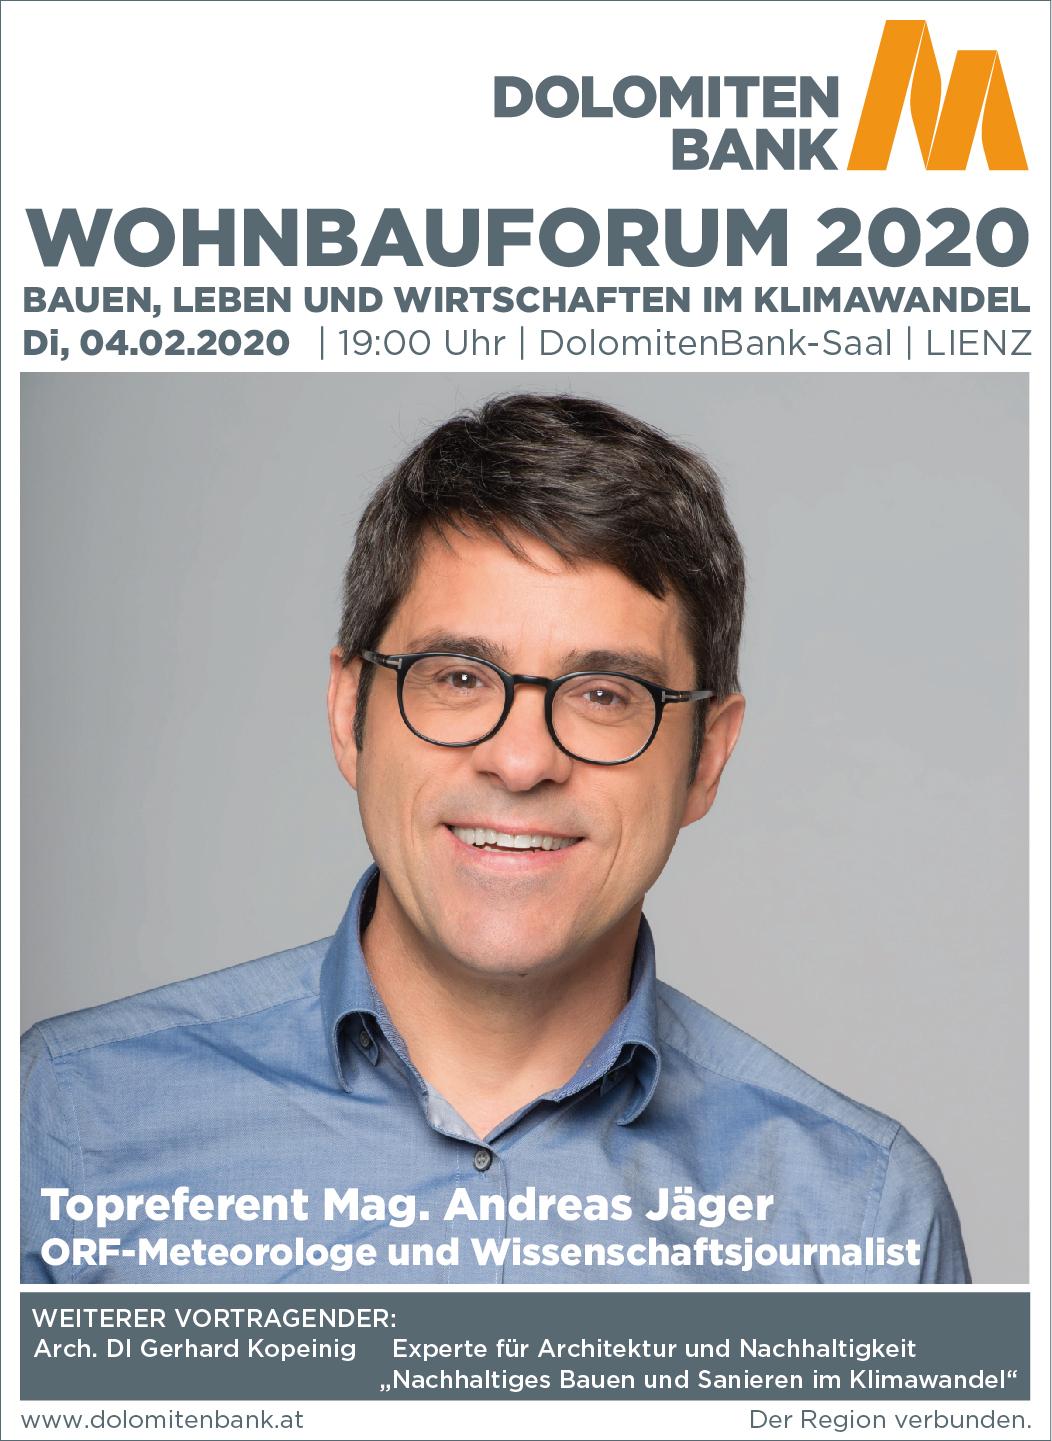 Dolomitenbank Wohnbauforum vom 28.1. bis 4.2.2020